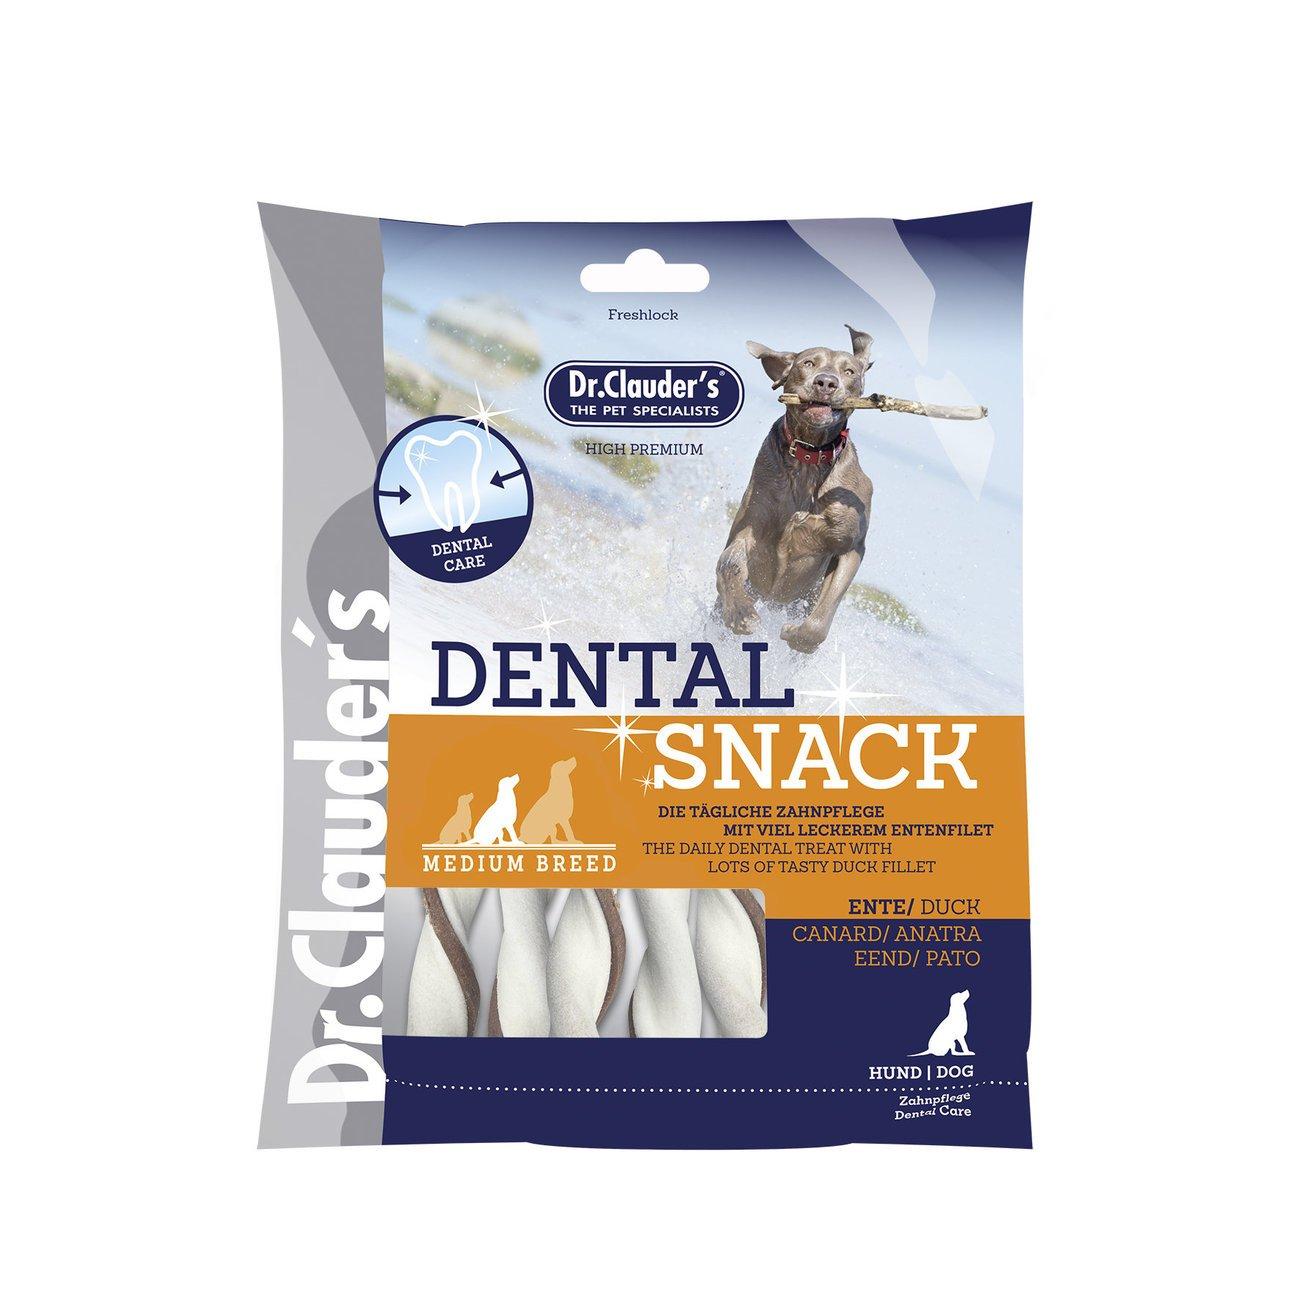 Dr. Clauders Hunde Dental Snack, Bild 5